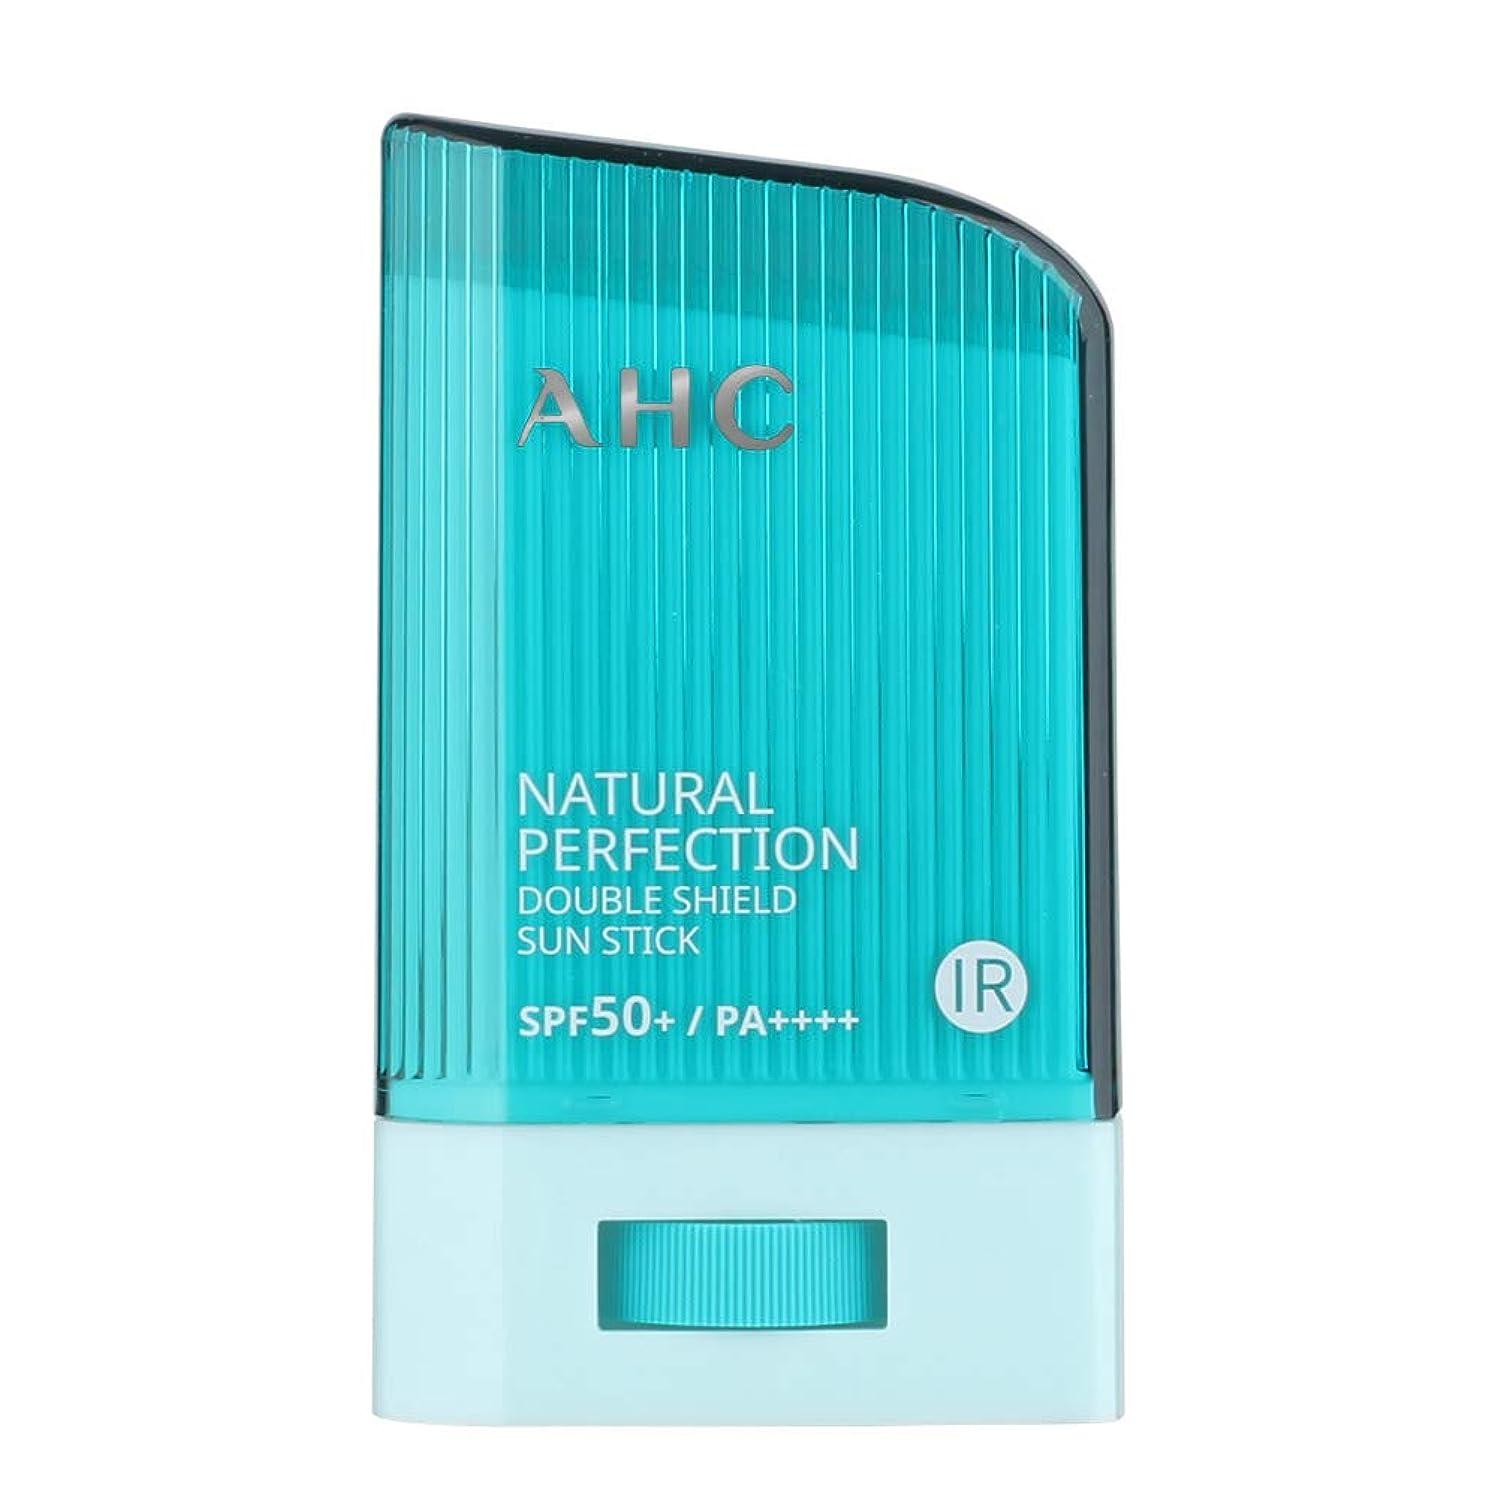 事務所反抗もう一度AHC ナチュラルパーフェクションダブルシールドサンスティック 22g, Natural Perfection Double Shield Sun Stick SPF50+ PA++++